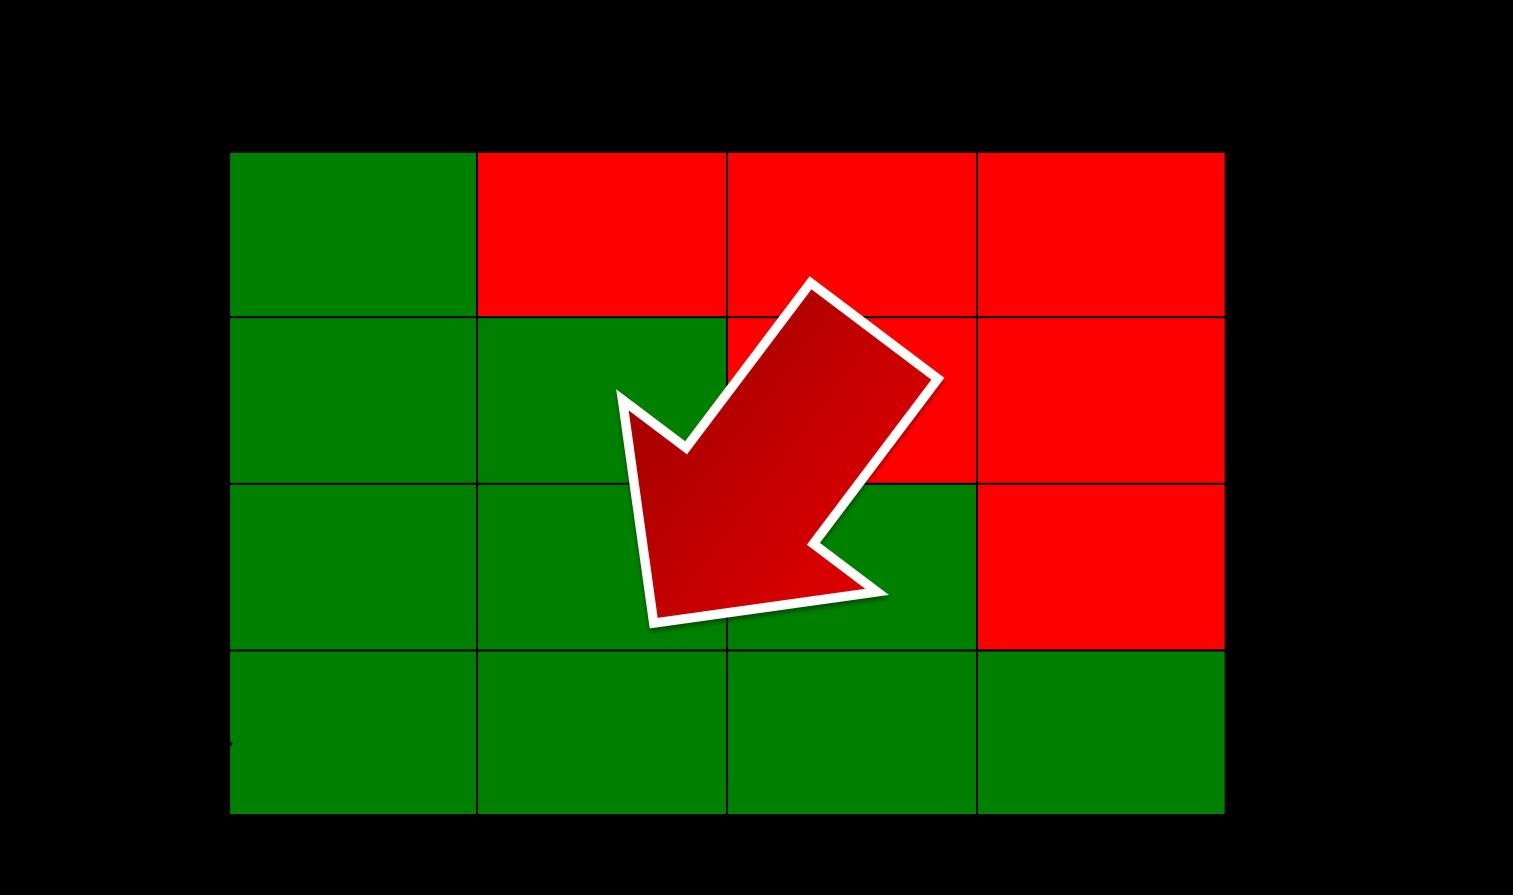 beispiel risikobewertung mit matrix